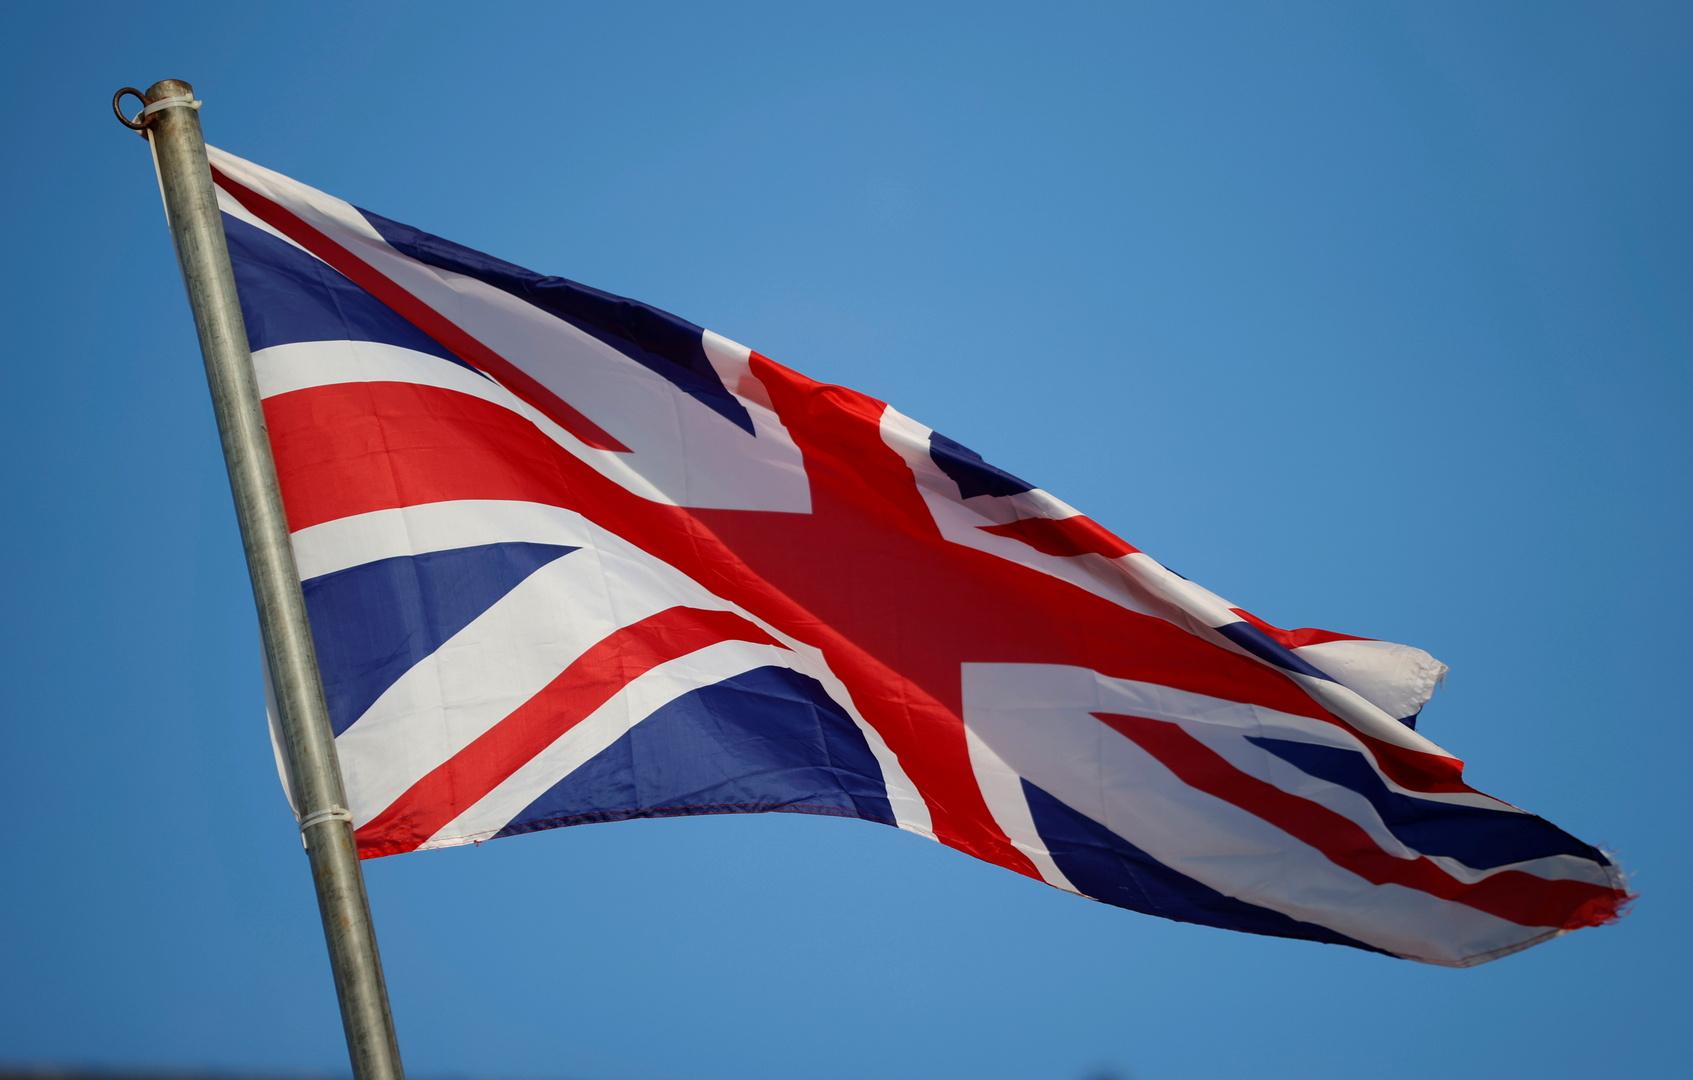 وزير بريطاني: من الخطأ أن تعاقب الصين أفرادا بريطانيين